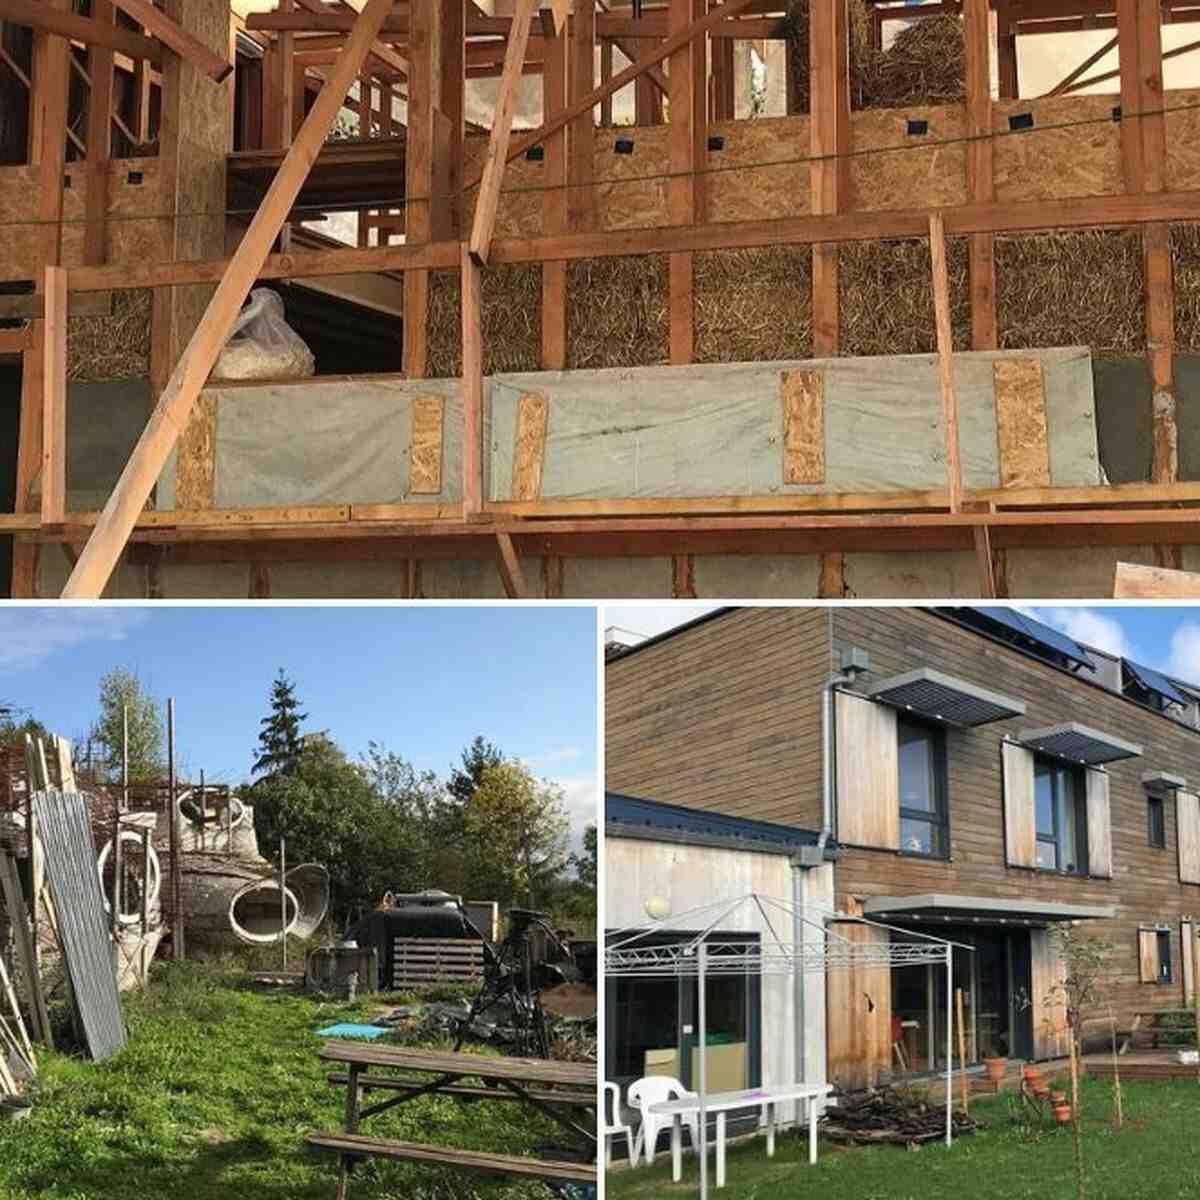 Comment construire une maison à moindre coût?